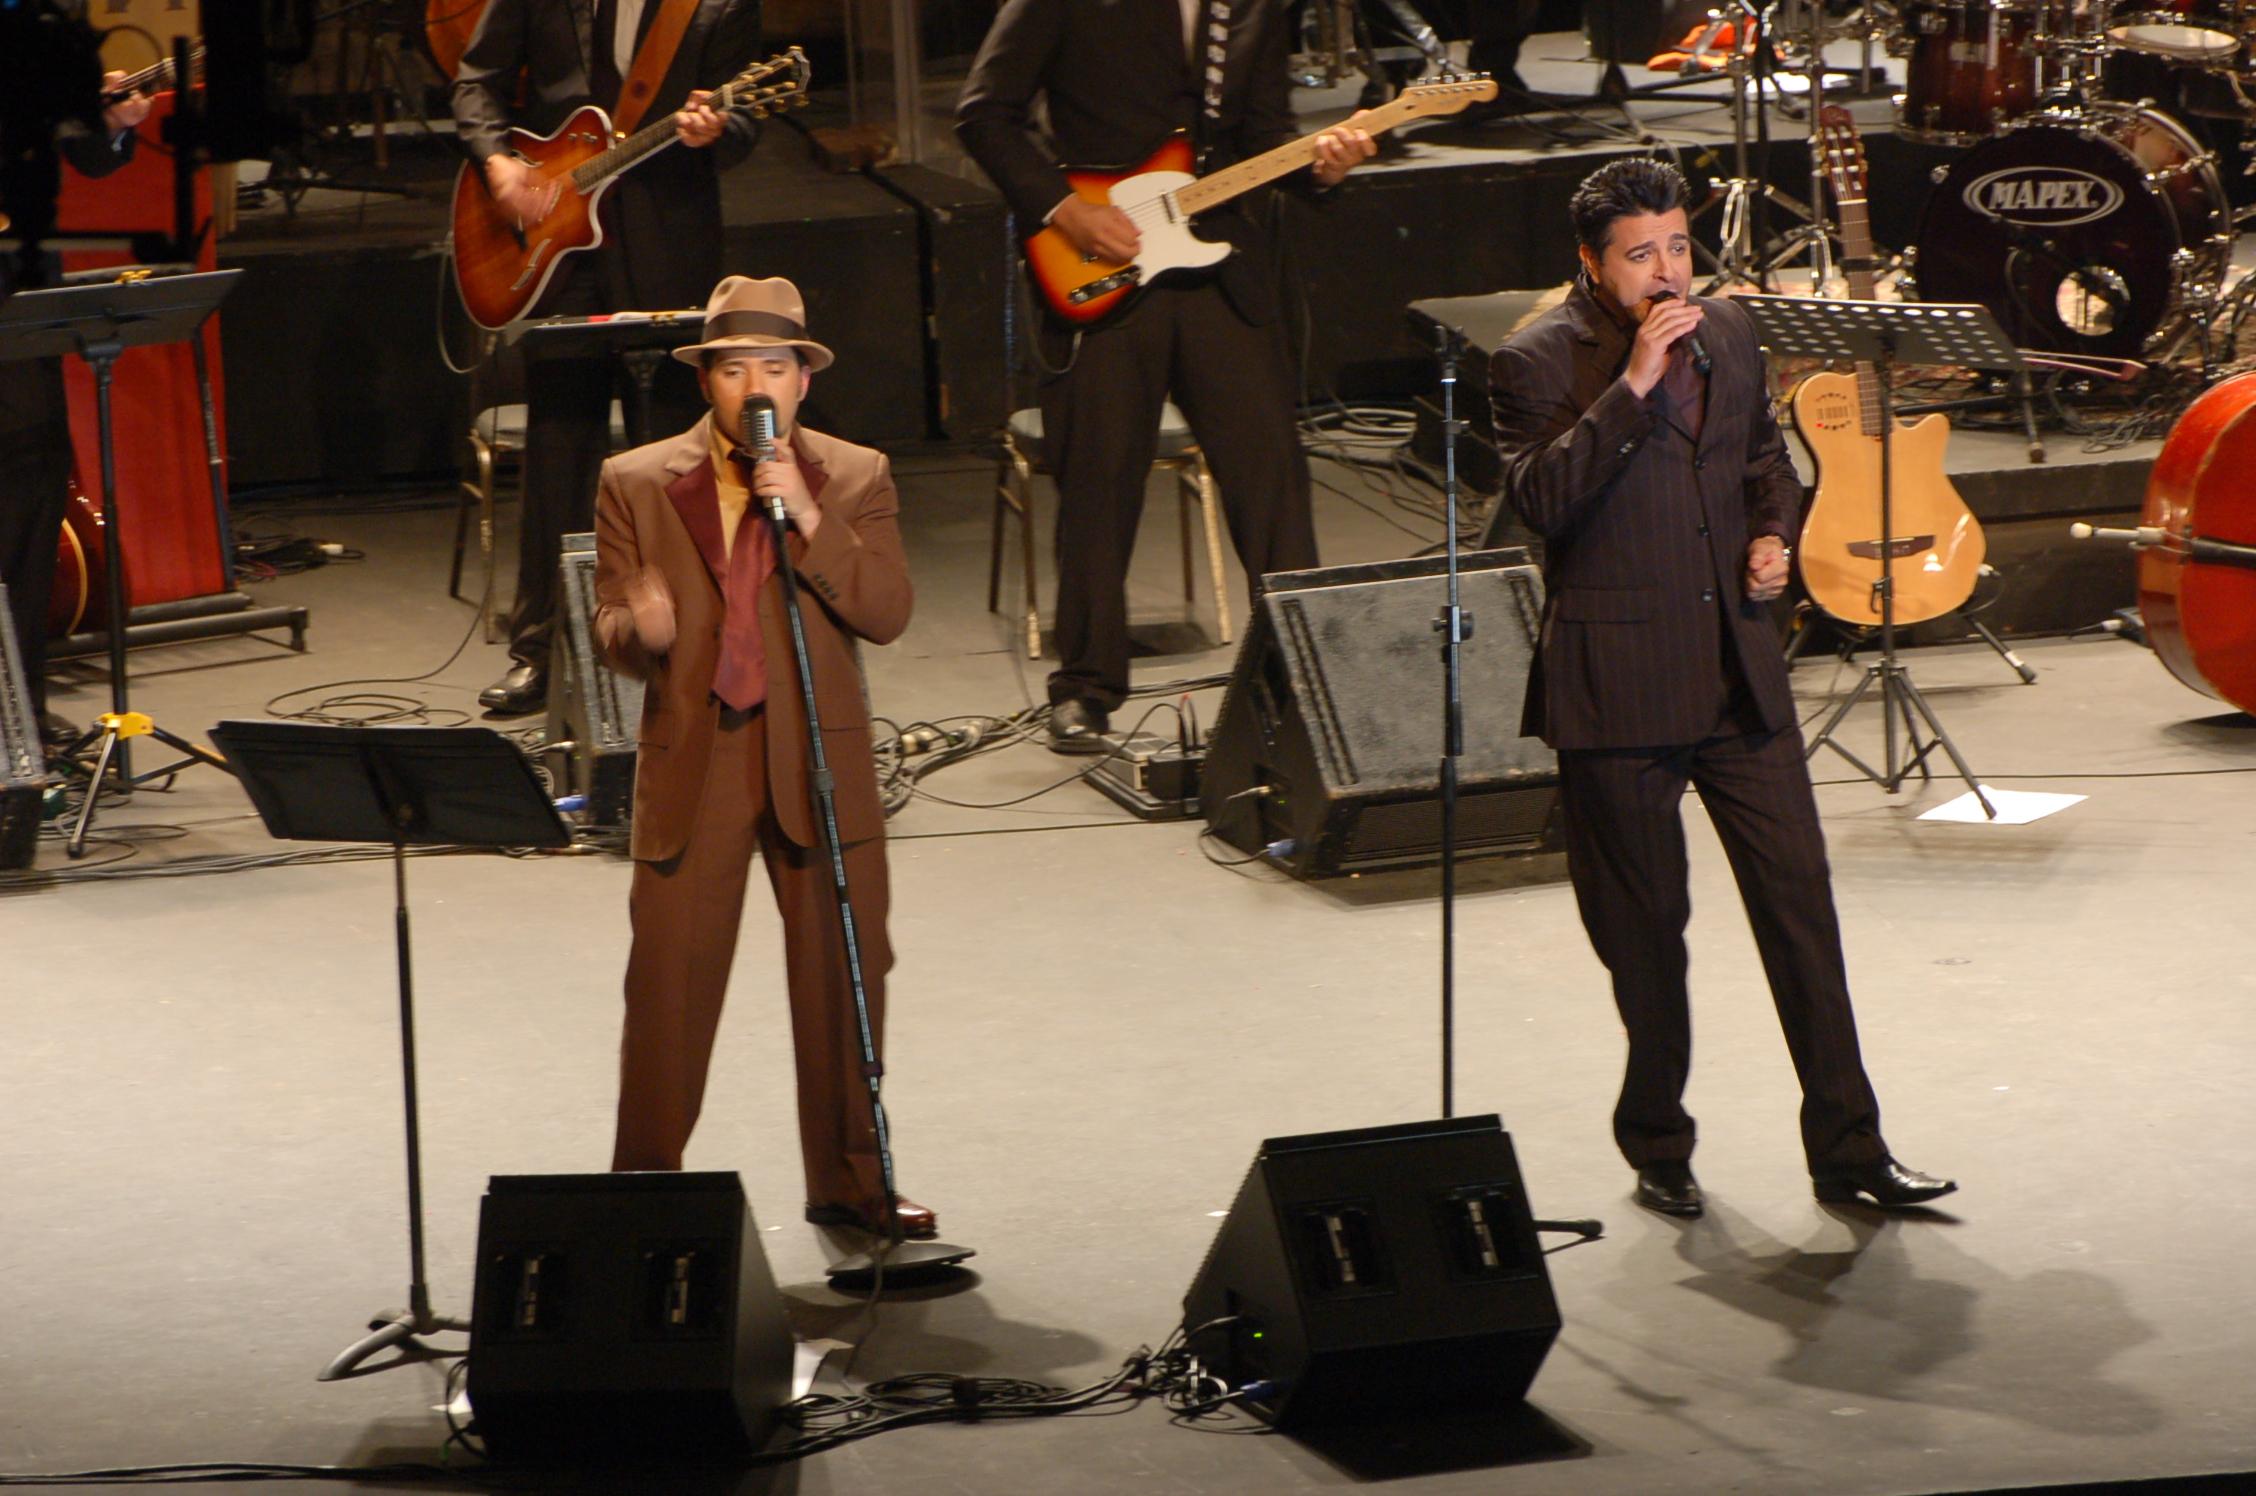 02.-Pavel y Luís Enrique hace diez años en el Big Band Núñez del 2007